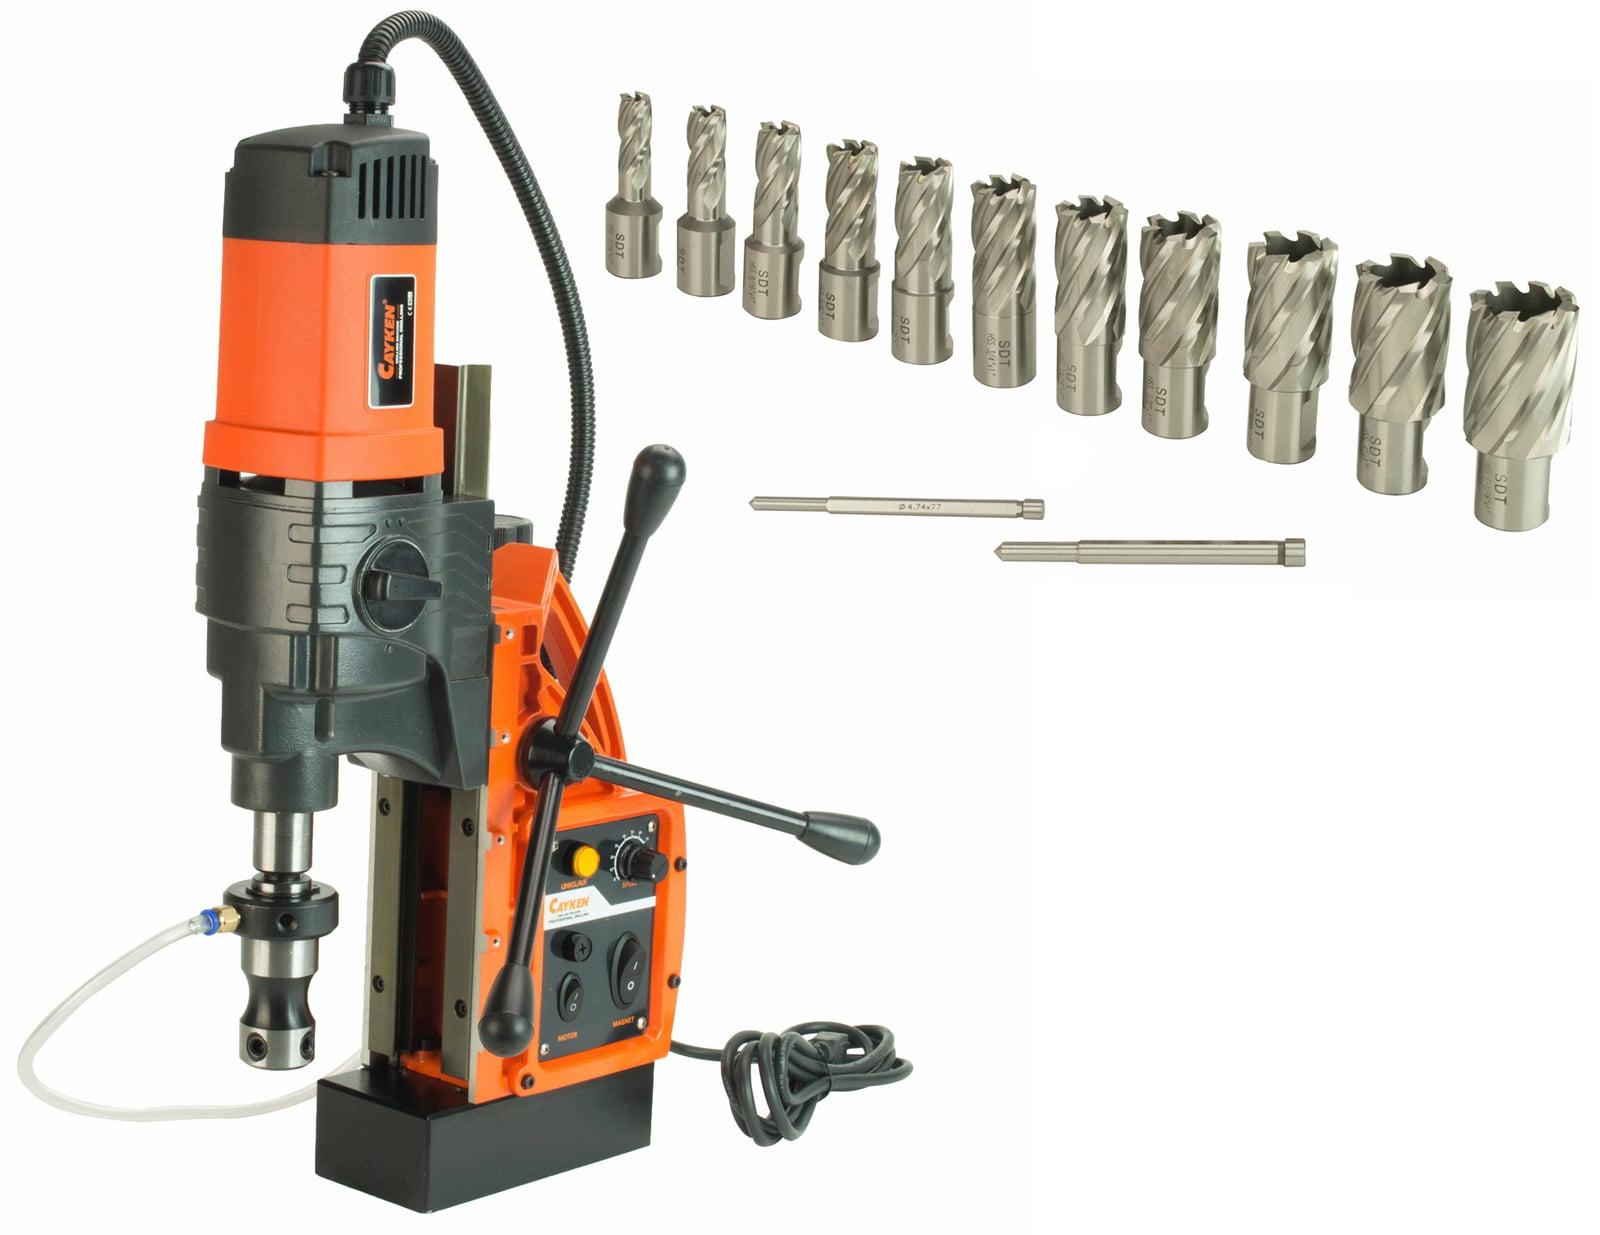 """Cayken KCY-48-2WDO 1.8"""" Magnetic Drill Press with 1700W Motor, Weldon Shank, 13 Piece 1"""" Cut Depth... by Cayken"""